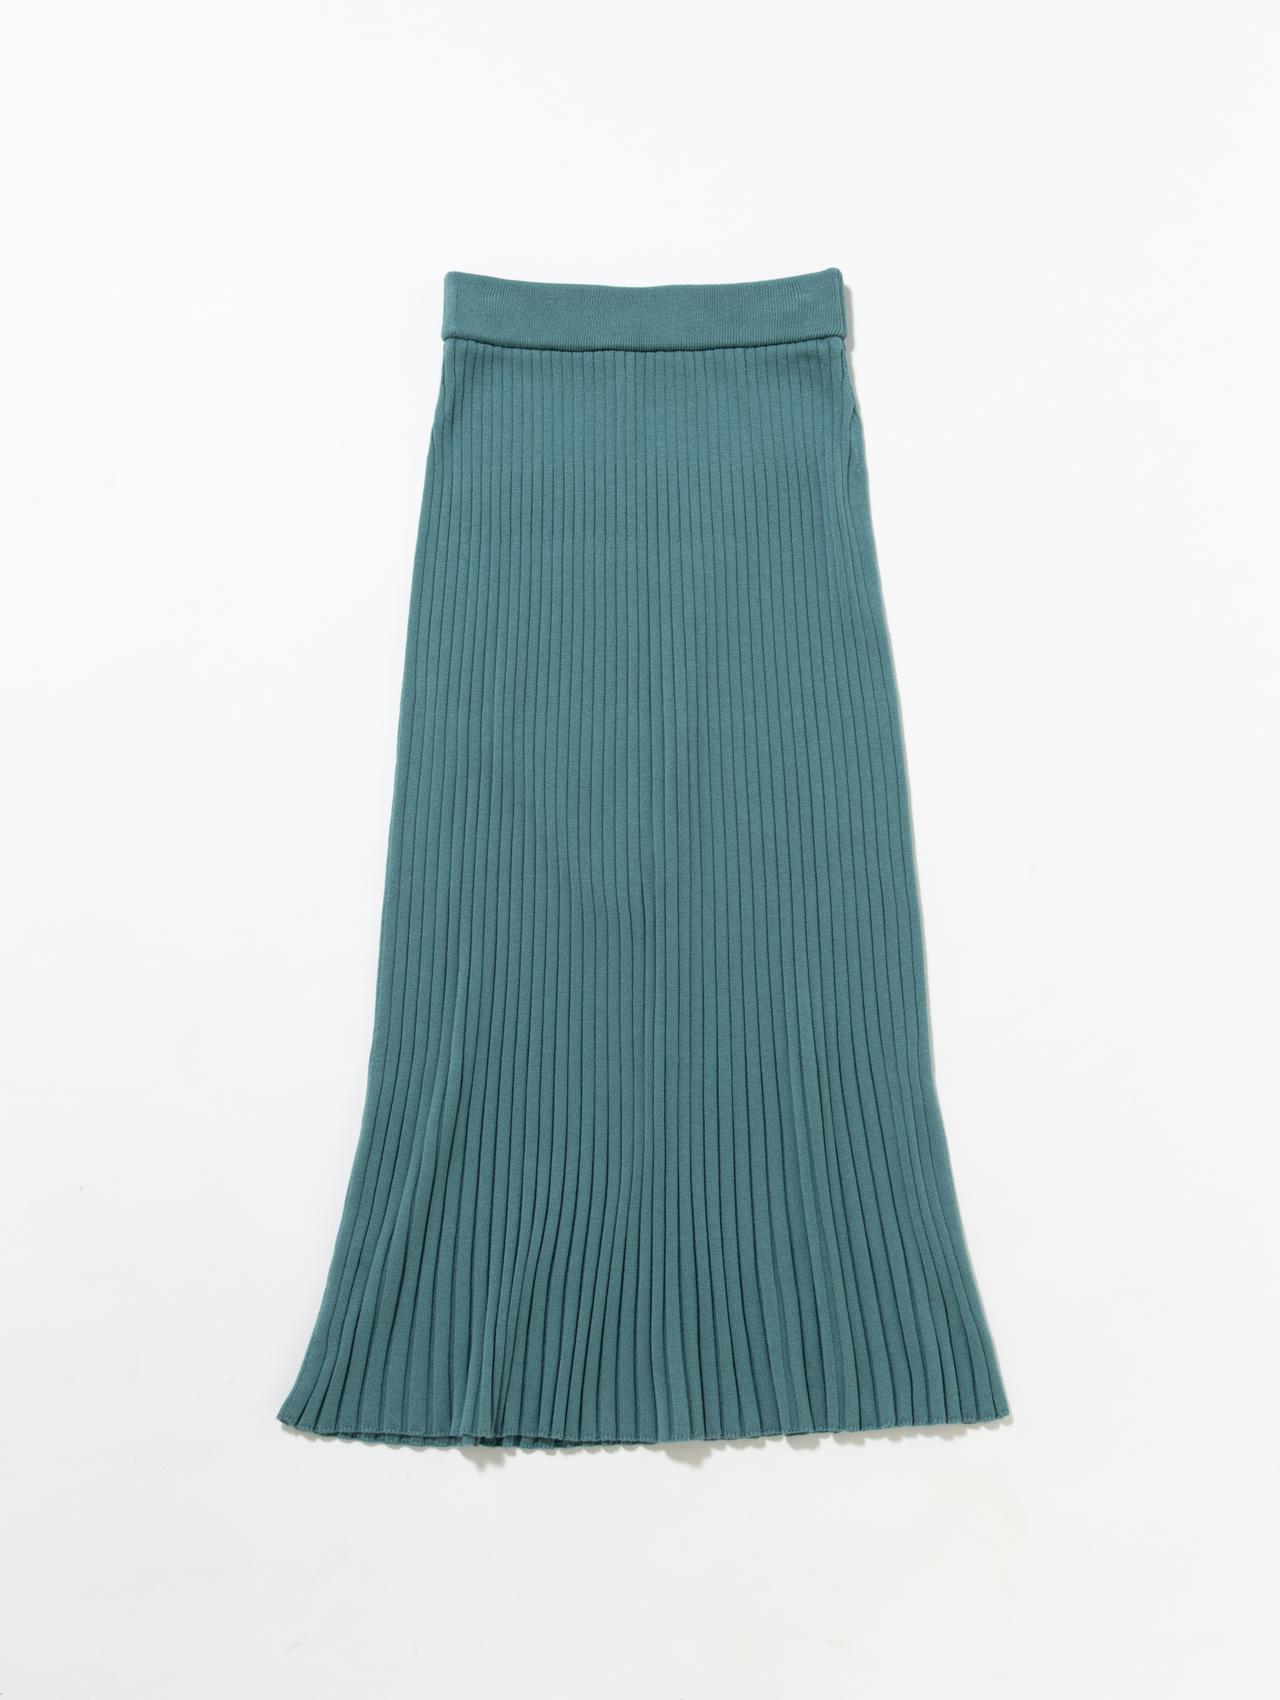 画像: シルク・カシミヤ素材のニットスカート ¥30,800 出典ftn